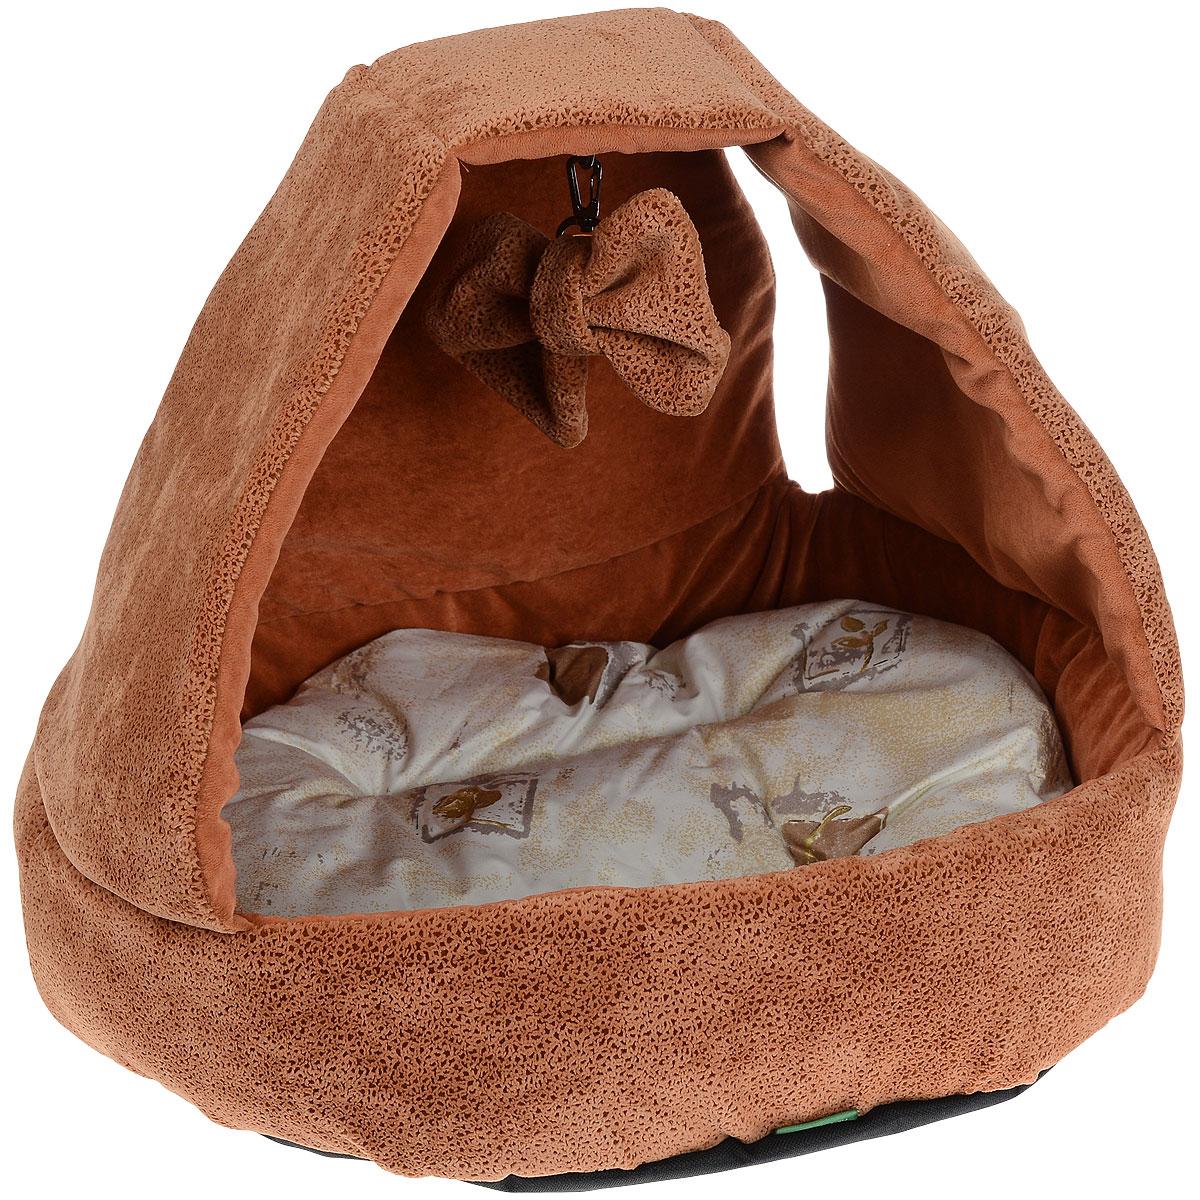 Домик для кошек и собак Titbit с игрушкой, цвет: рыжий, 43 см х 43 см х 40 см4746Домик TiTBiT с игрушкой обеспечит Вашему питомцу комфортный отдых и веселое развлечение. Предназначен для кошек и небольших собак. Конструкция из поролона прекрасно держит форму. Отделка из мебельной ткани Флок нежная и мягкая на ощупь. Дно изделия выполнено из износостойкой ткани Оксфорд. Внутри домика - мягкая подушка на синтепоне которую можно стирать в машине. И игрушка на карабине, которую можно отстегивать.Вкус: Состав: ткань мебельная флок, поролон, синтепон, ткань тик, ткань Оксфорд.Условия хранения: сухое место.